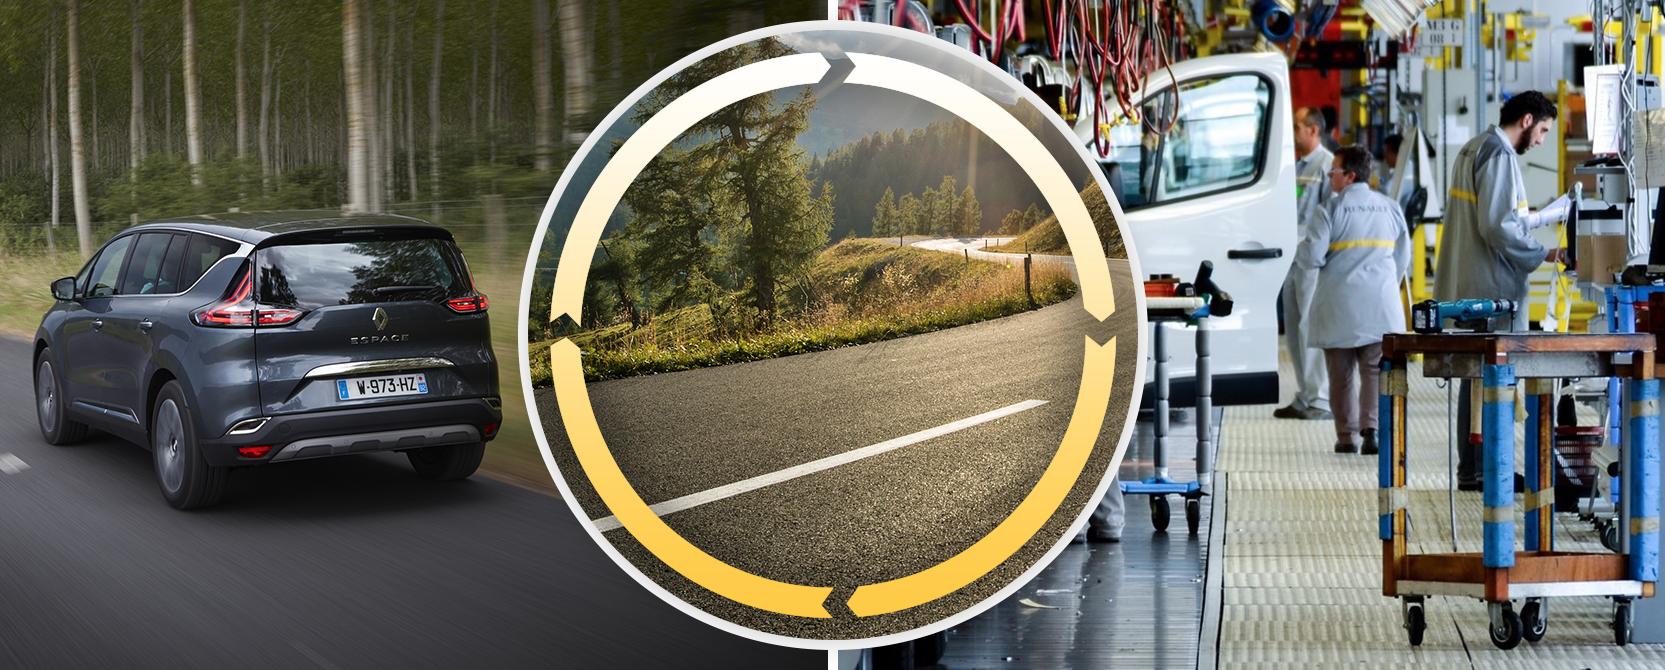 Renault, des leviers de transformation de l'automobile pour répondre aux trois enjeux environnementaux